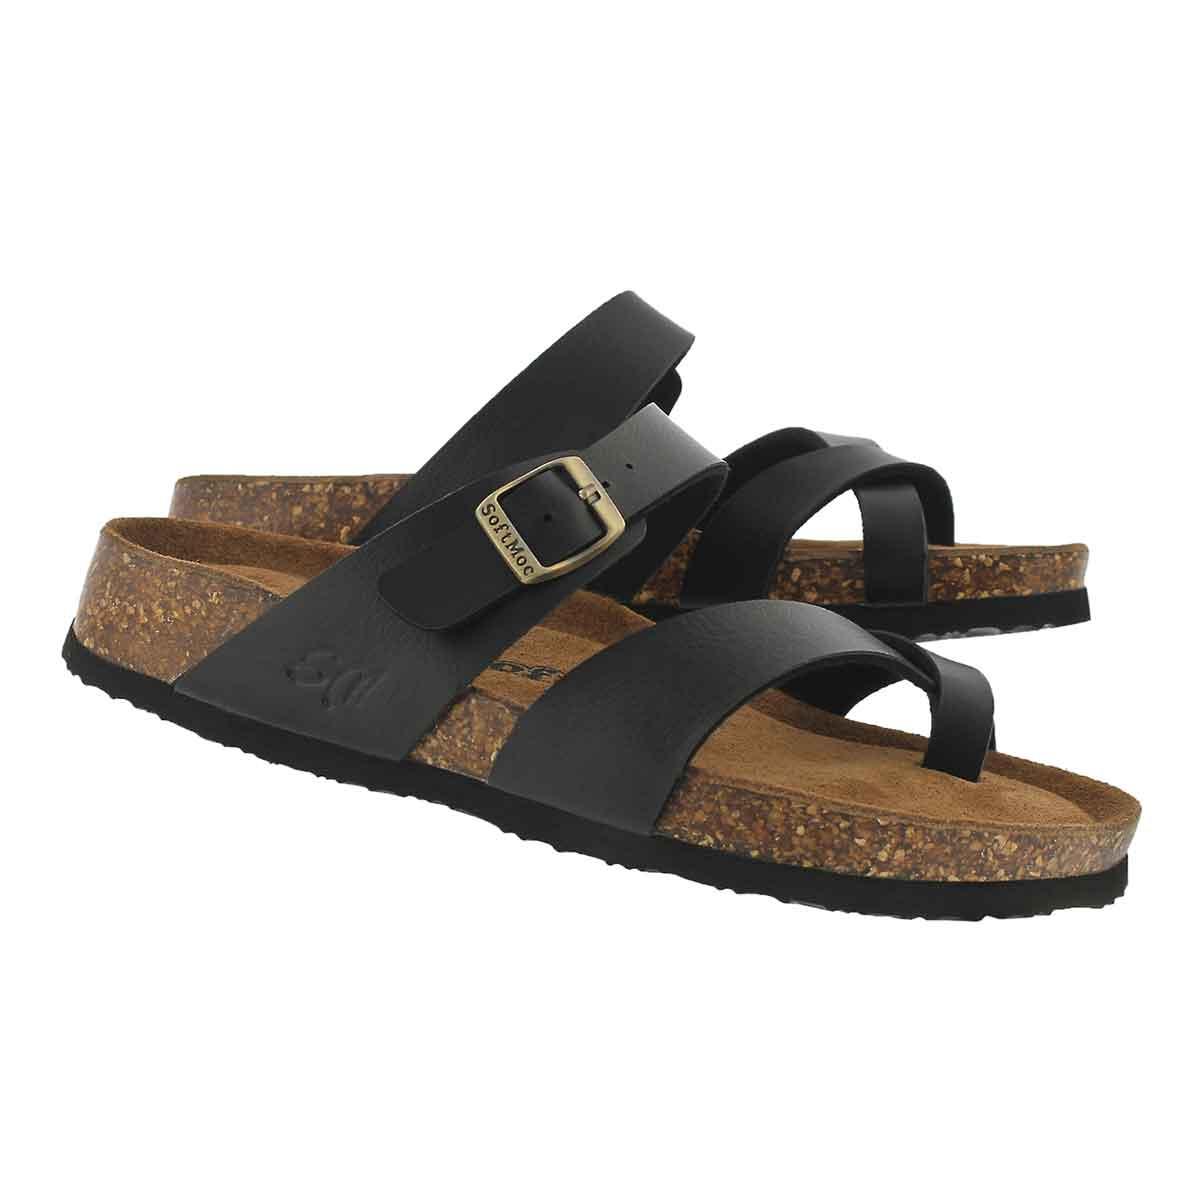 Lds Alicia 5 PU blk memory foam sandal